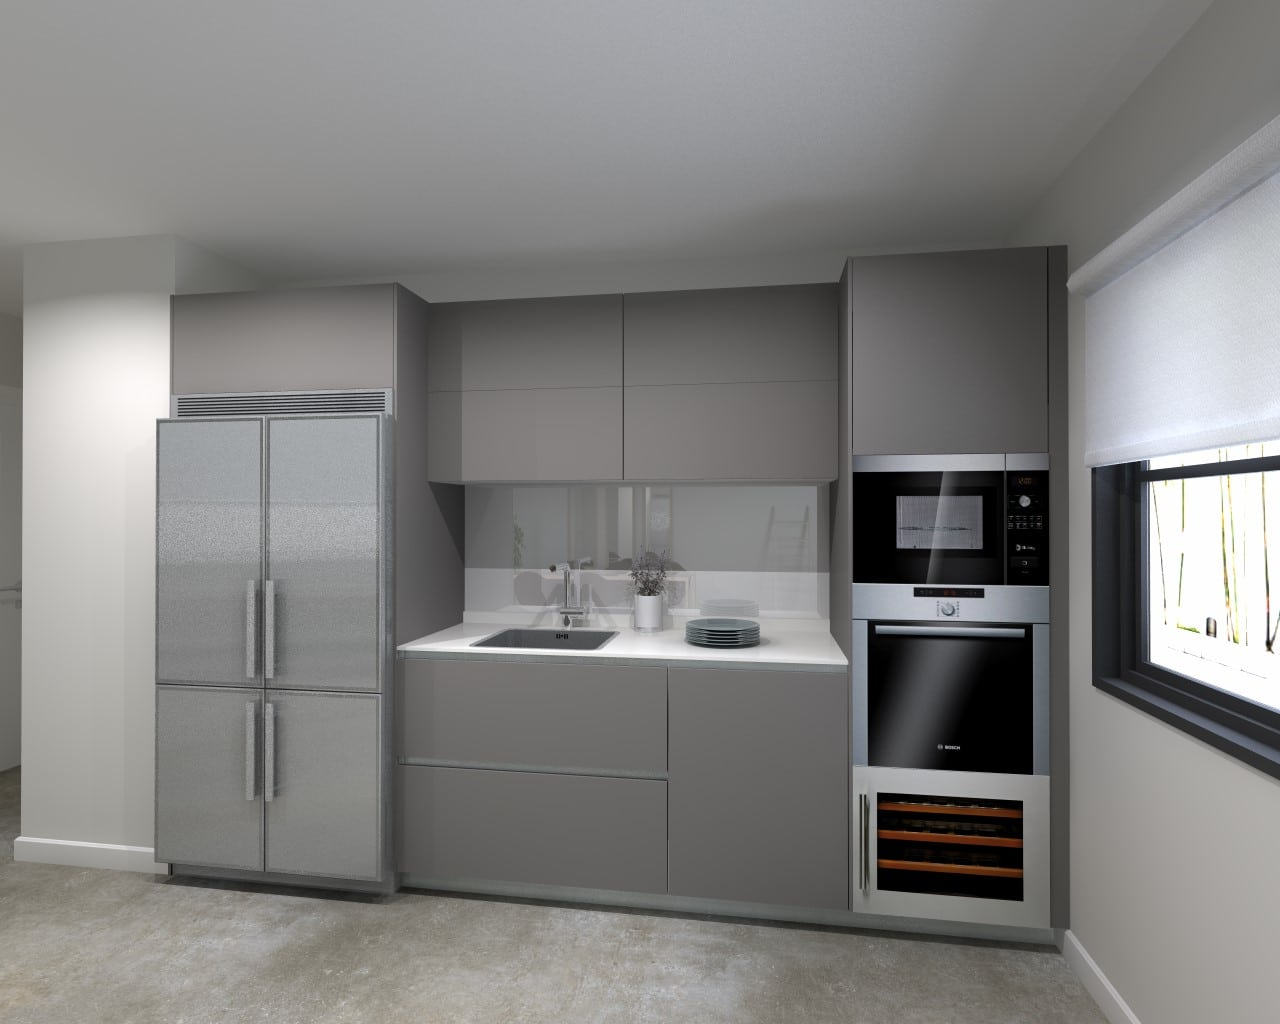 Cocina santos line e estratificado seda color gris vis n y for Cocinas color granate